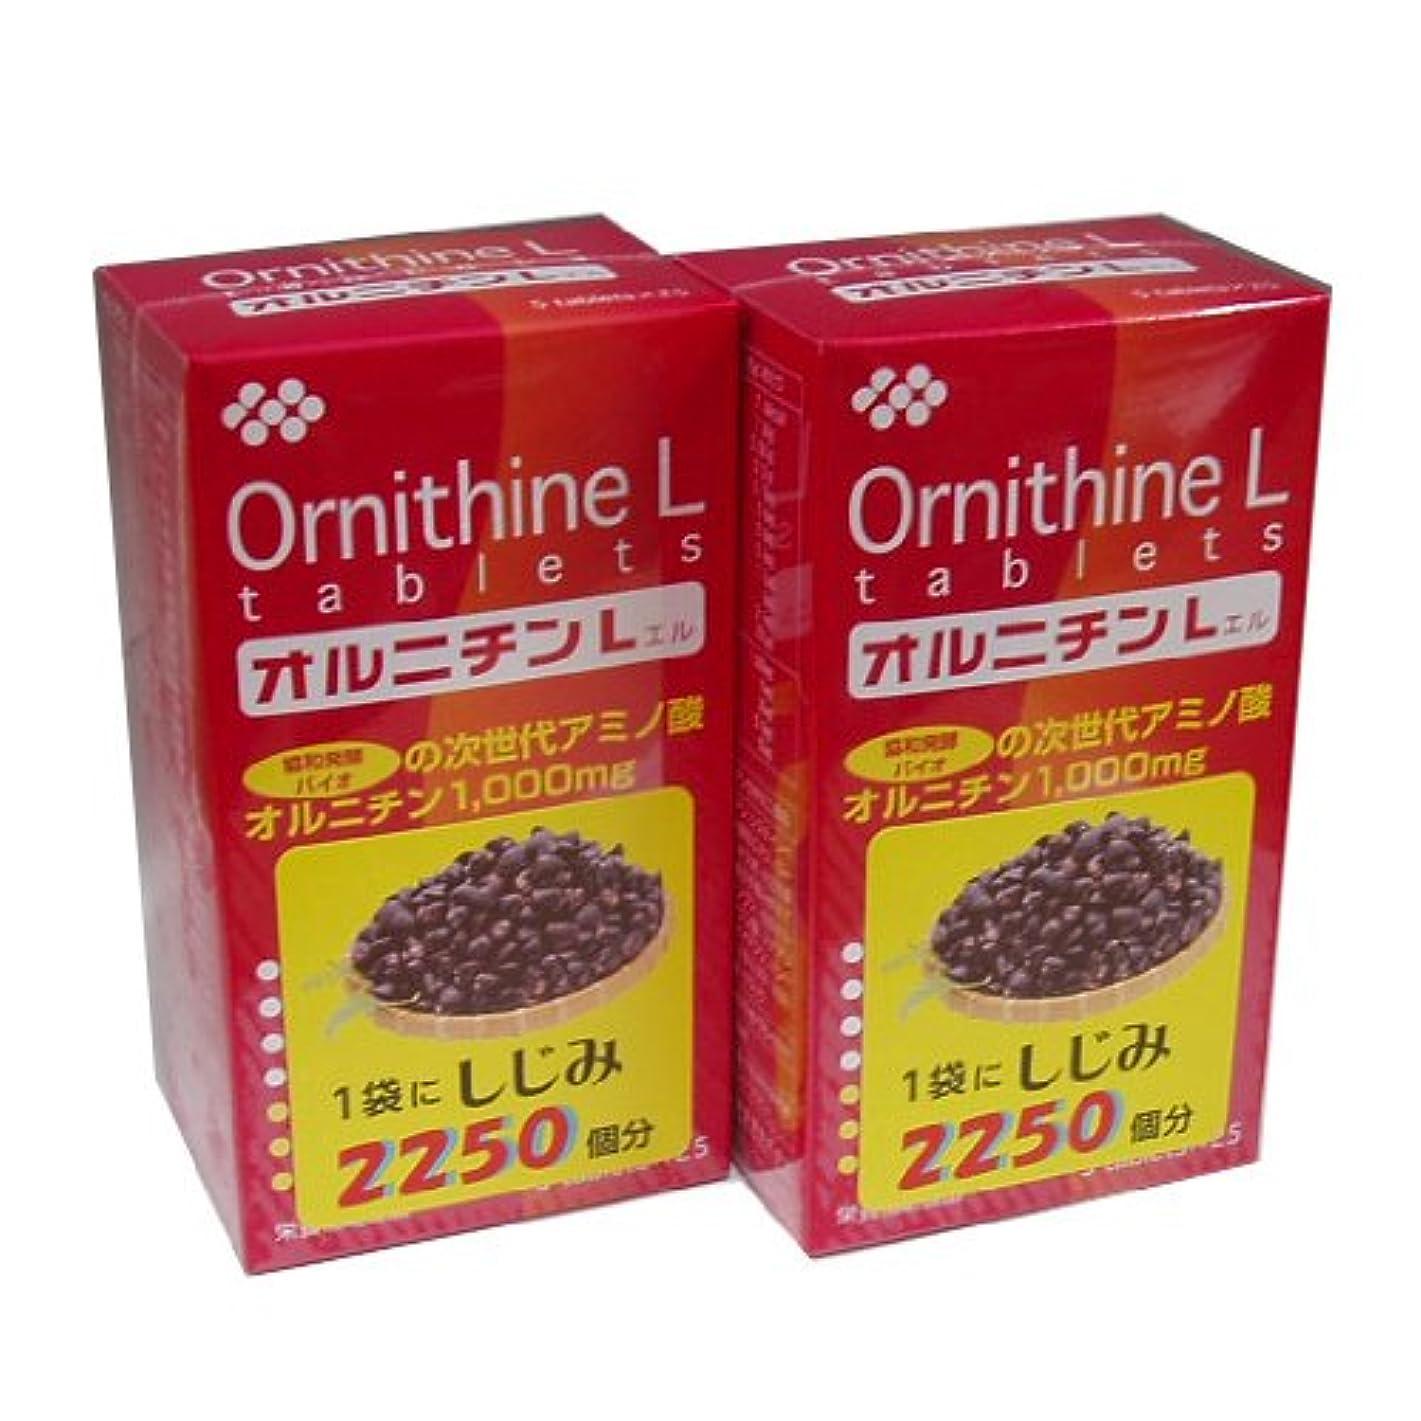 日食成長絶対の伸和製薬オルニチンL (5粒×25袋)×2個セット